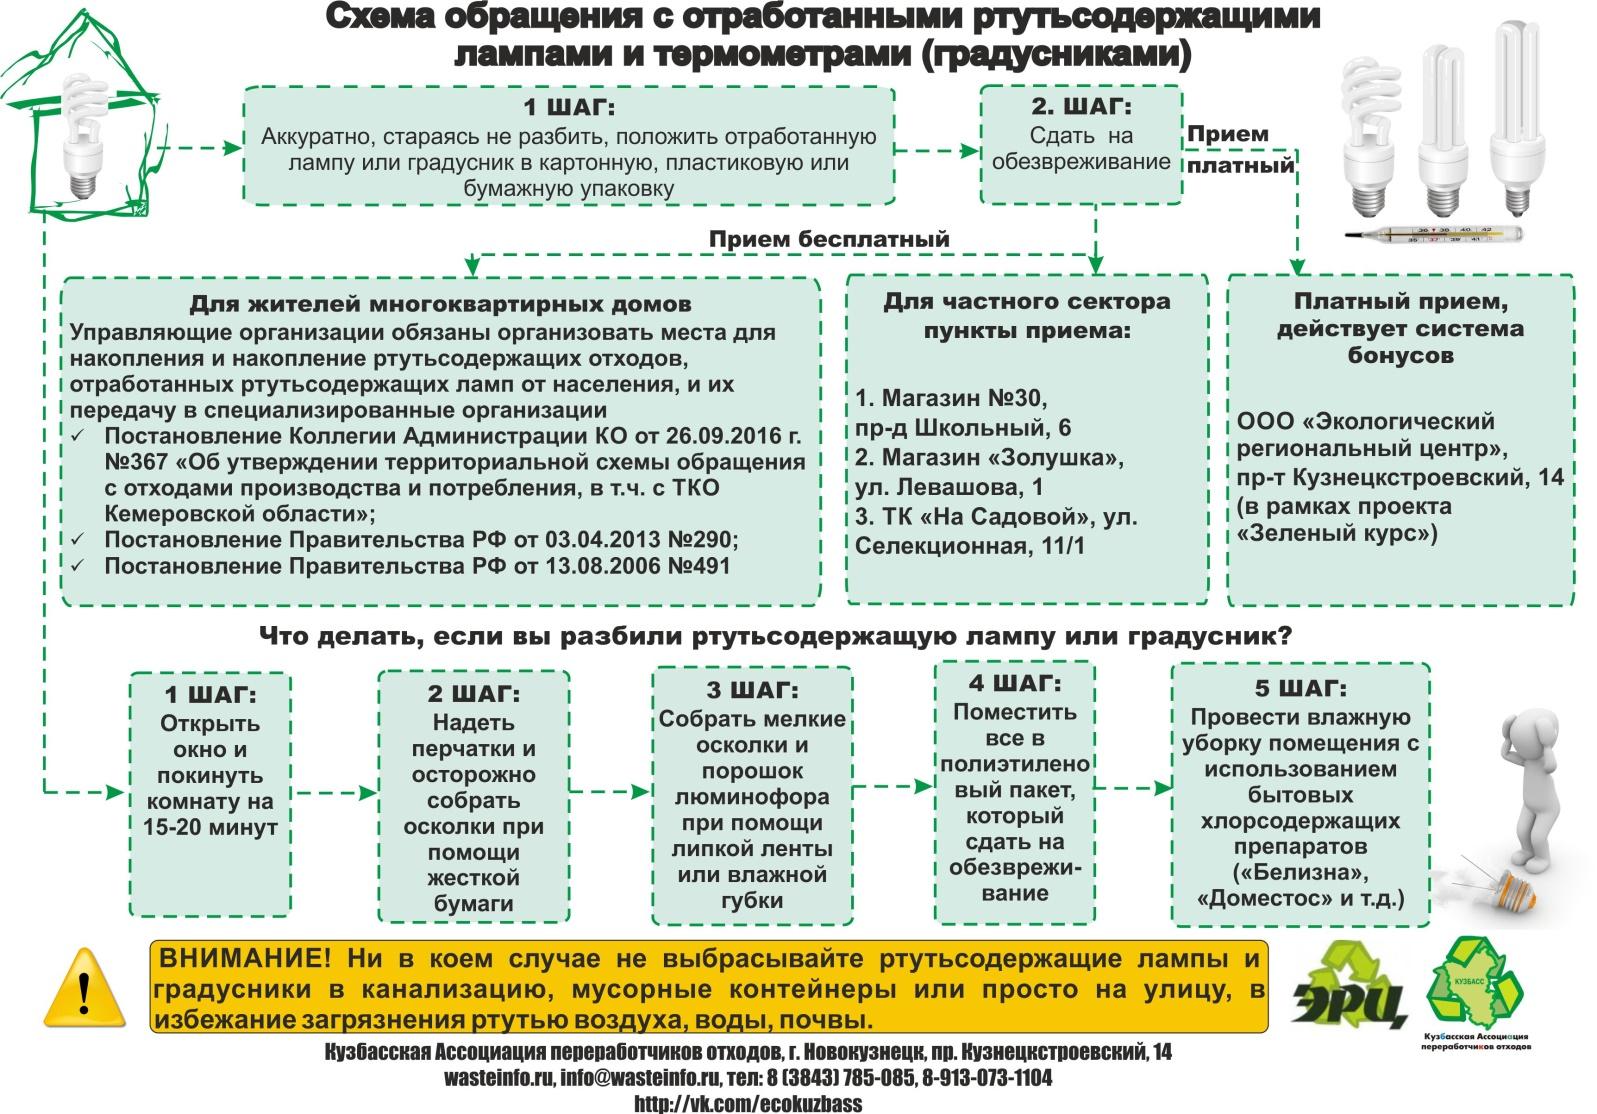 Схемы обращения с медицинскими отходами